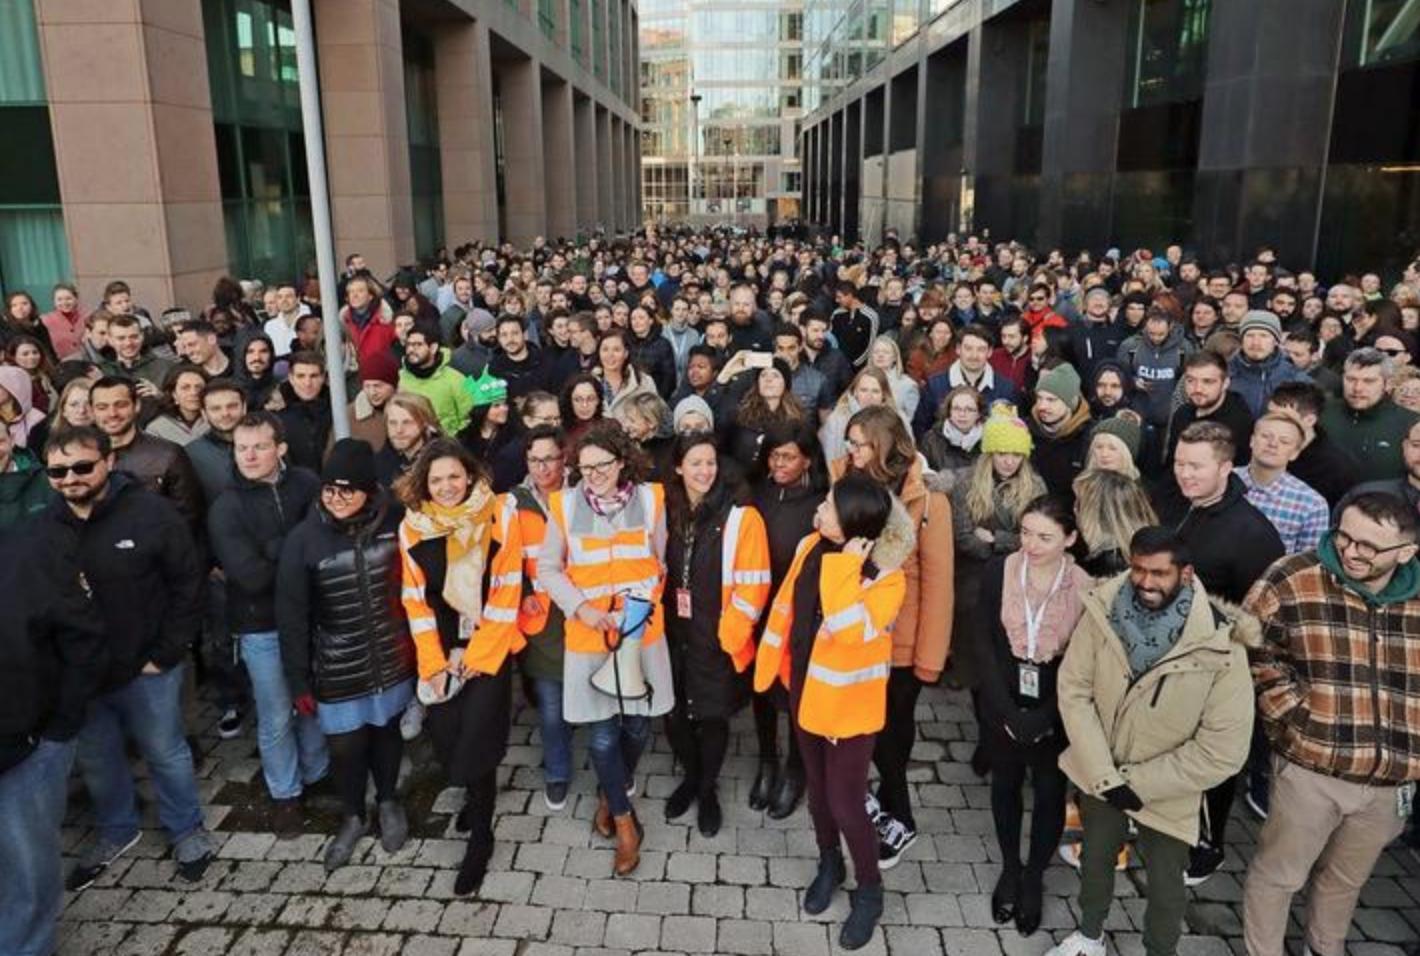 谷歌大罢工席卷全球:我们号称解决世界问题?